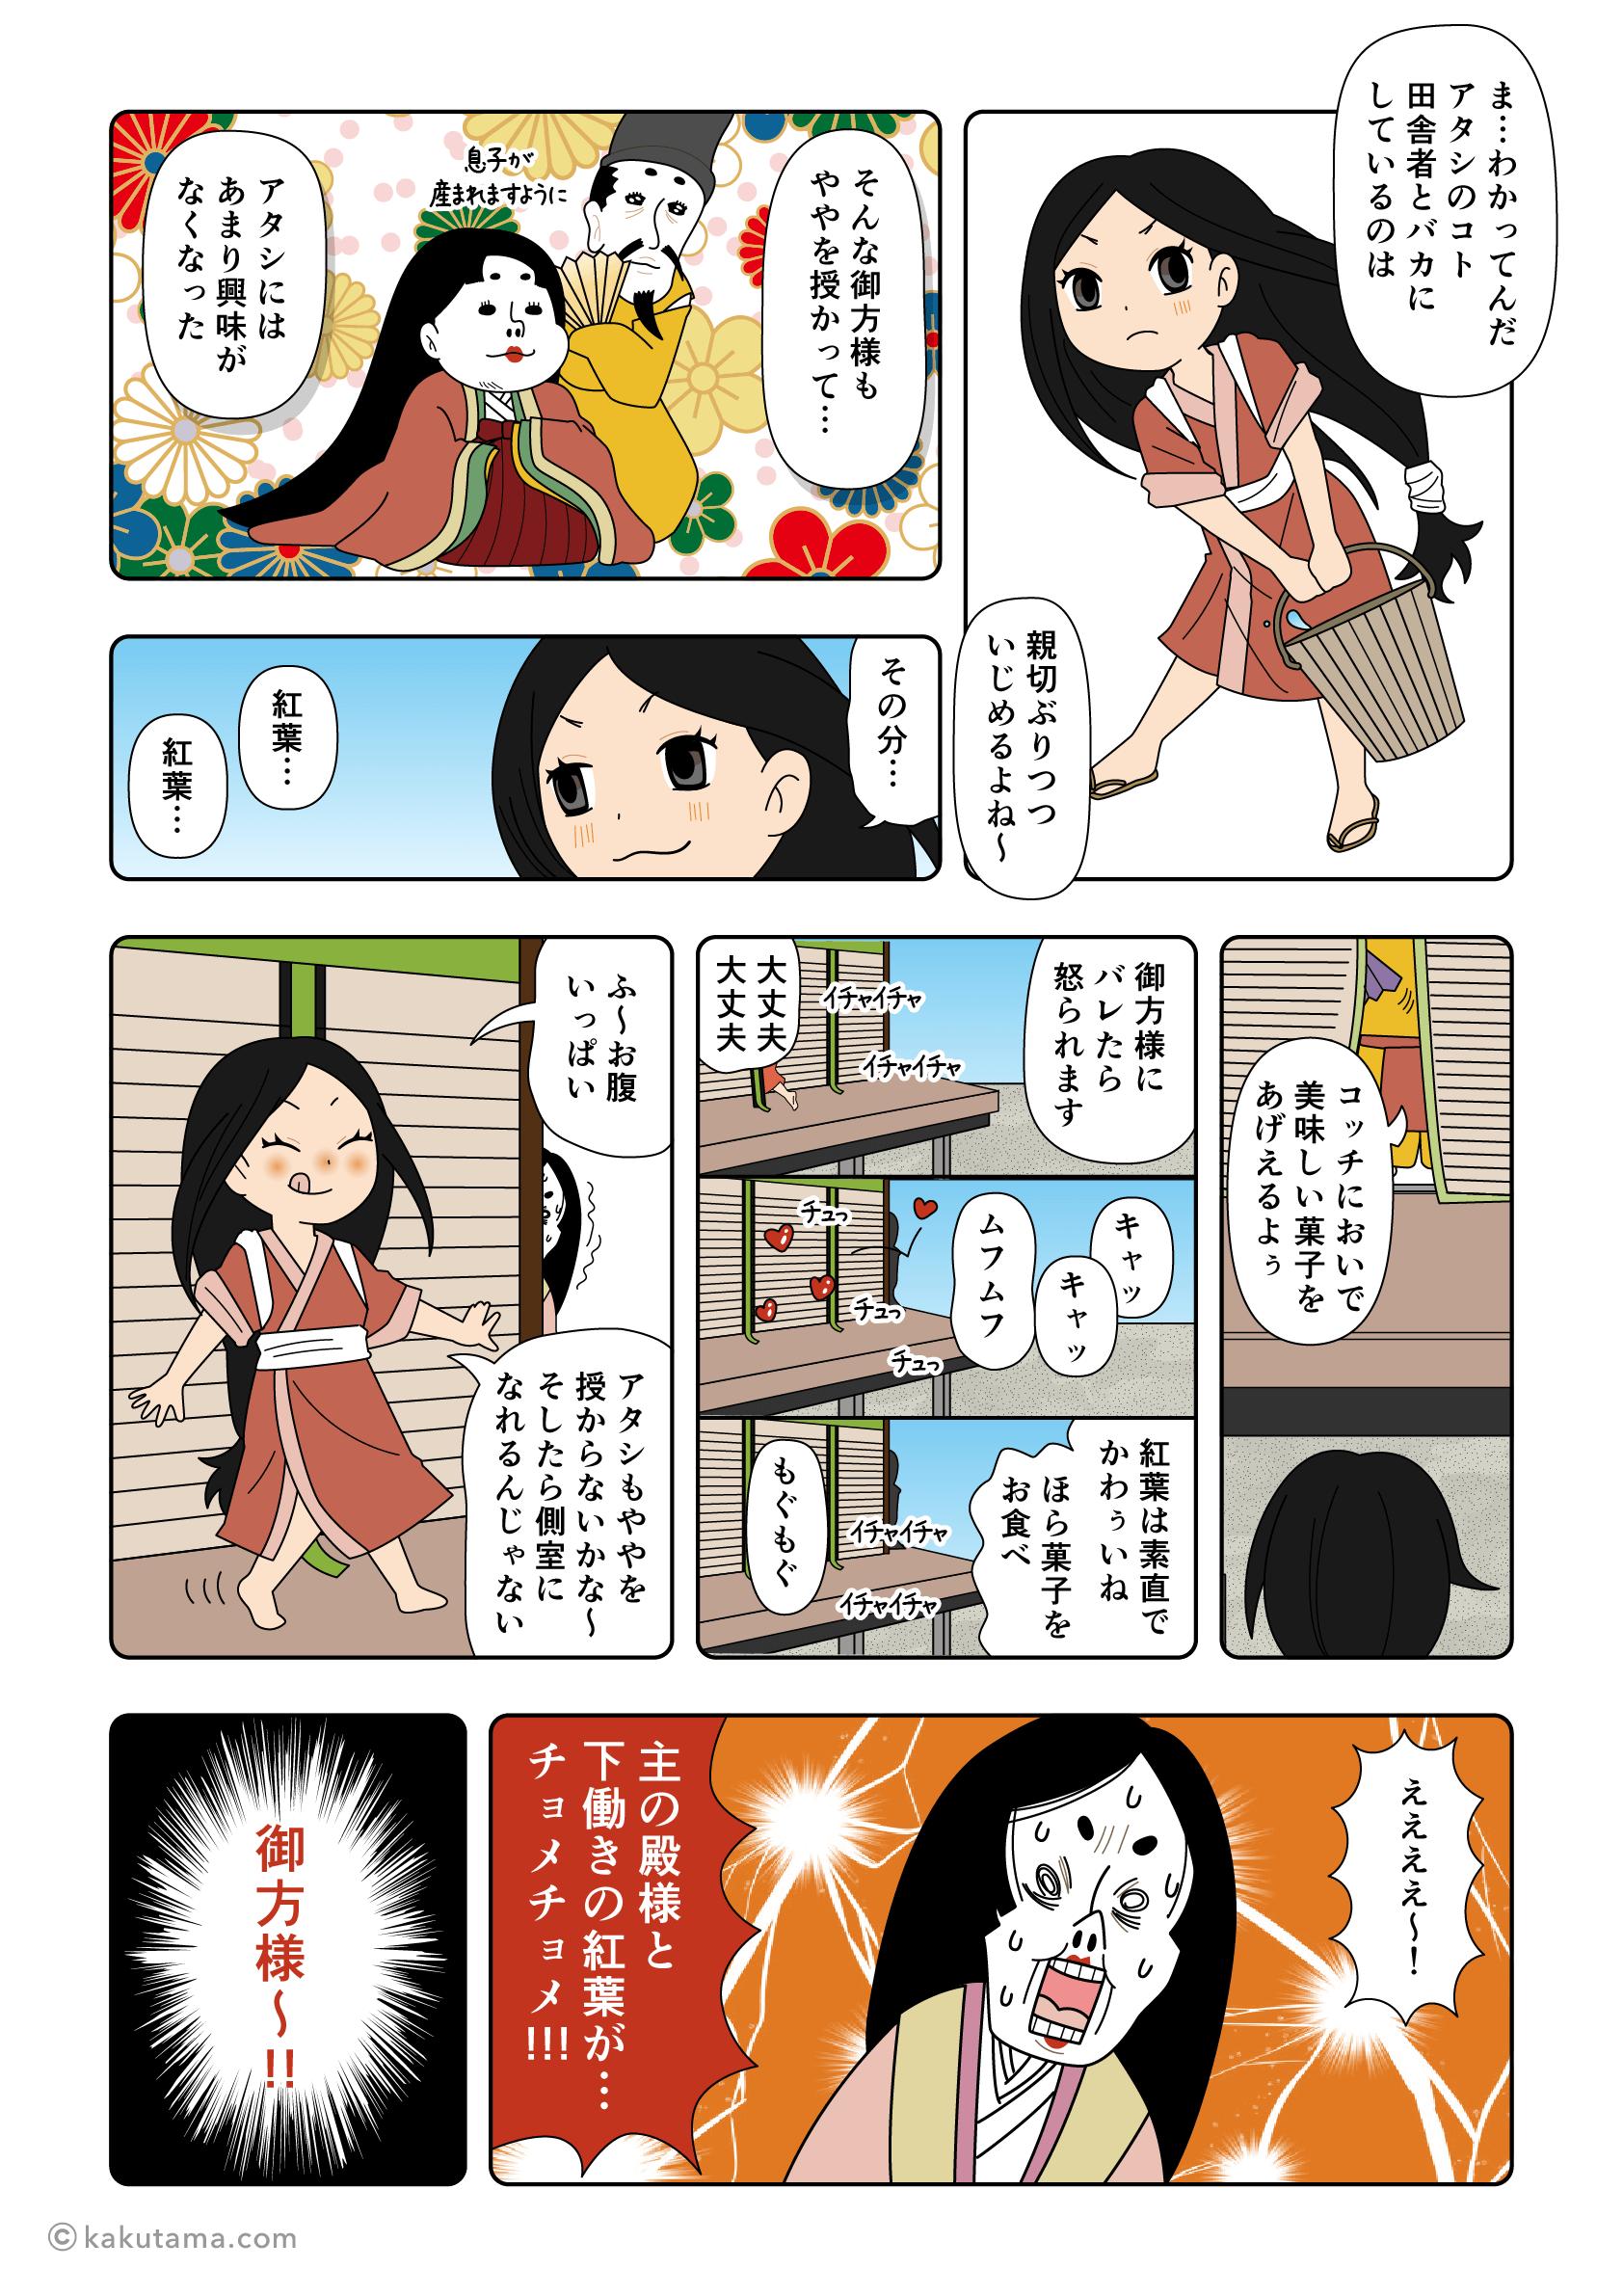 貴族と遊んで楽しむ紅葉の漫画